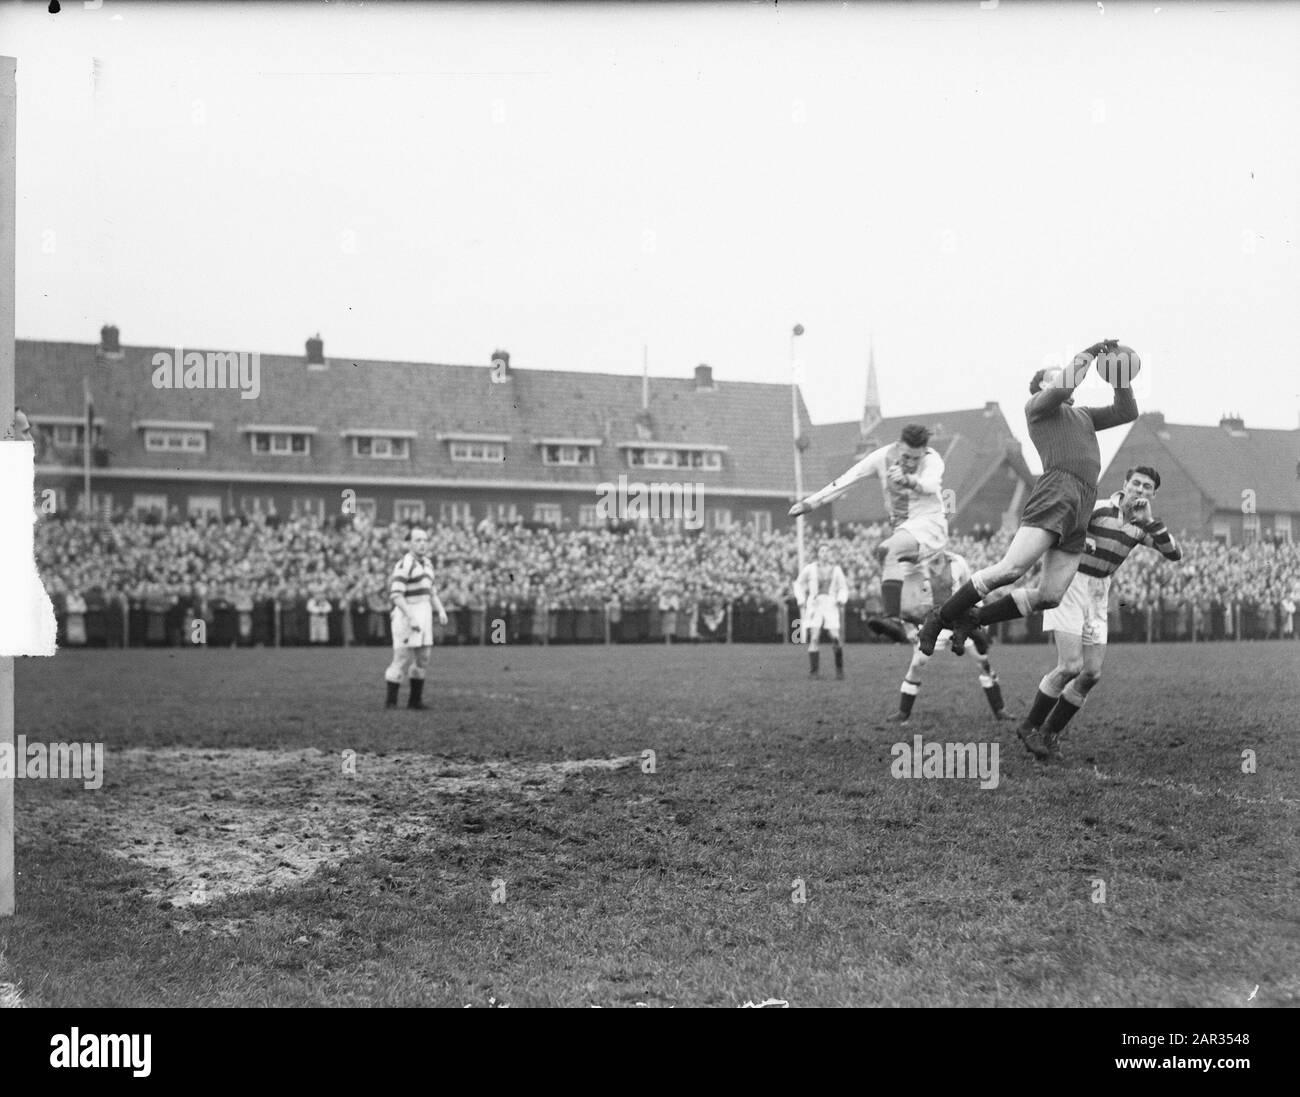 Volenijckers contra Blue-White 1-2 Fecha: 3 de diciembre de 1950 palabras clave: Deporte, jugadores de fútbol Nombre De La Institución: Volewijckers Foto de stock